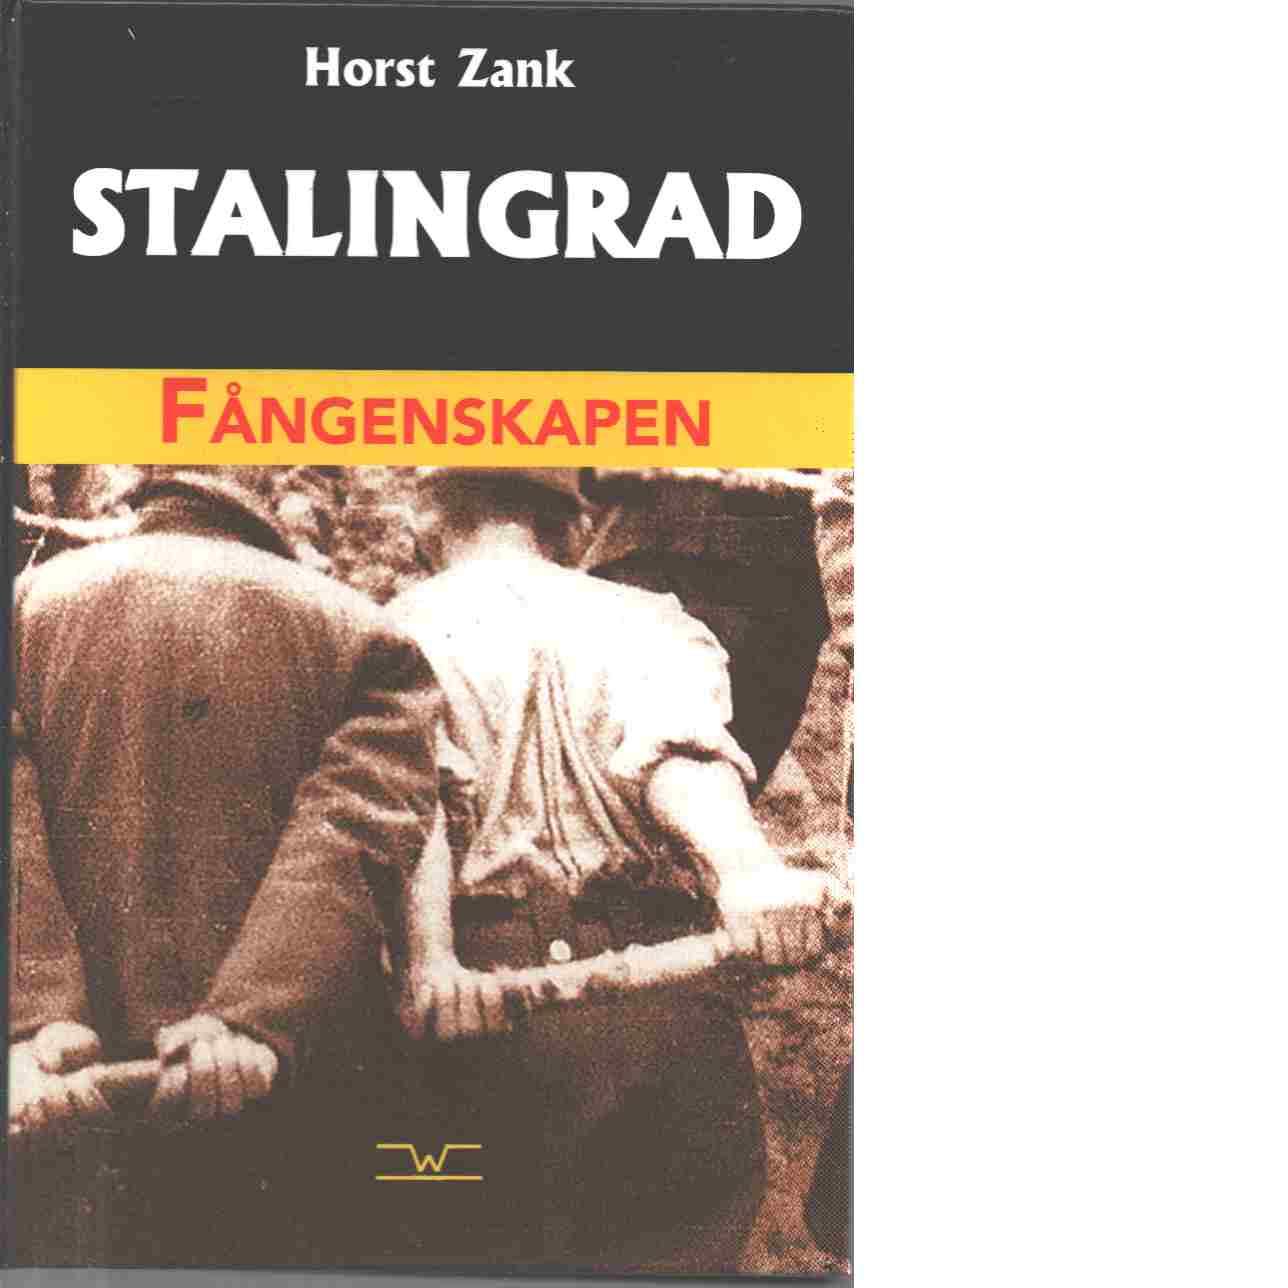 Stalingrad. D. 2, Fångenskapen - Zank, Horst